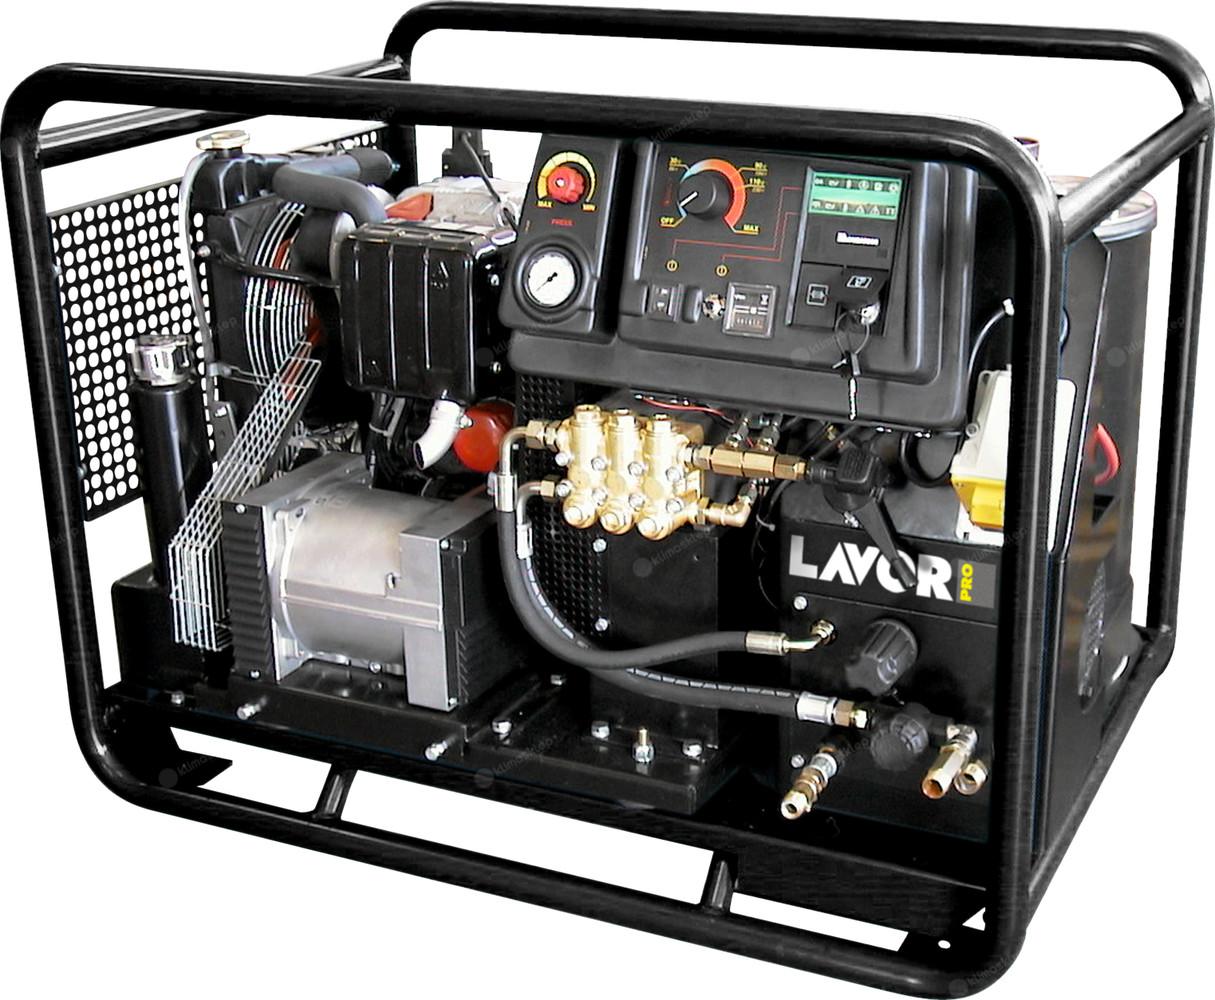 Spalinowa myjka wysokociśnieniowa Lavor Thermic 17 HW z podgrzewaczem wody